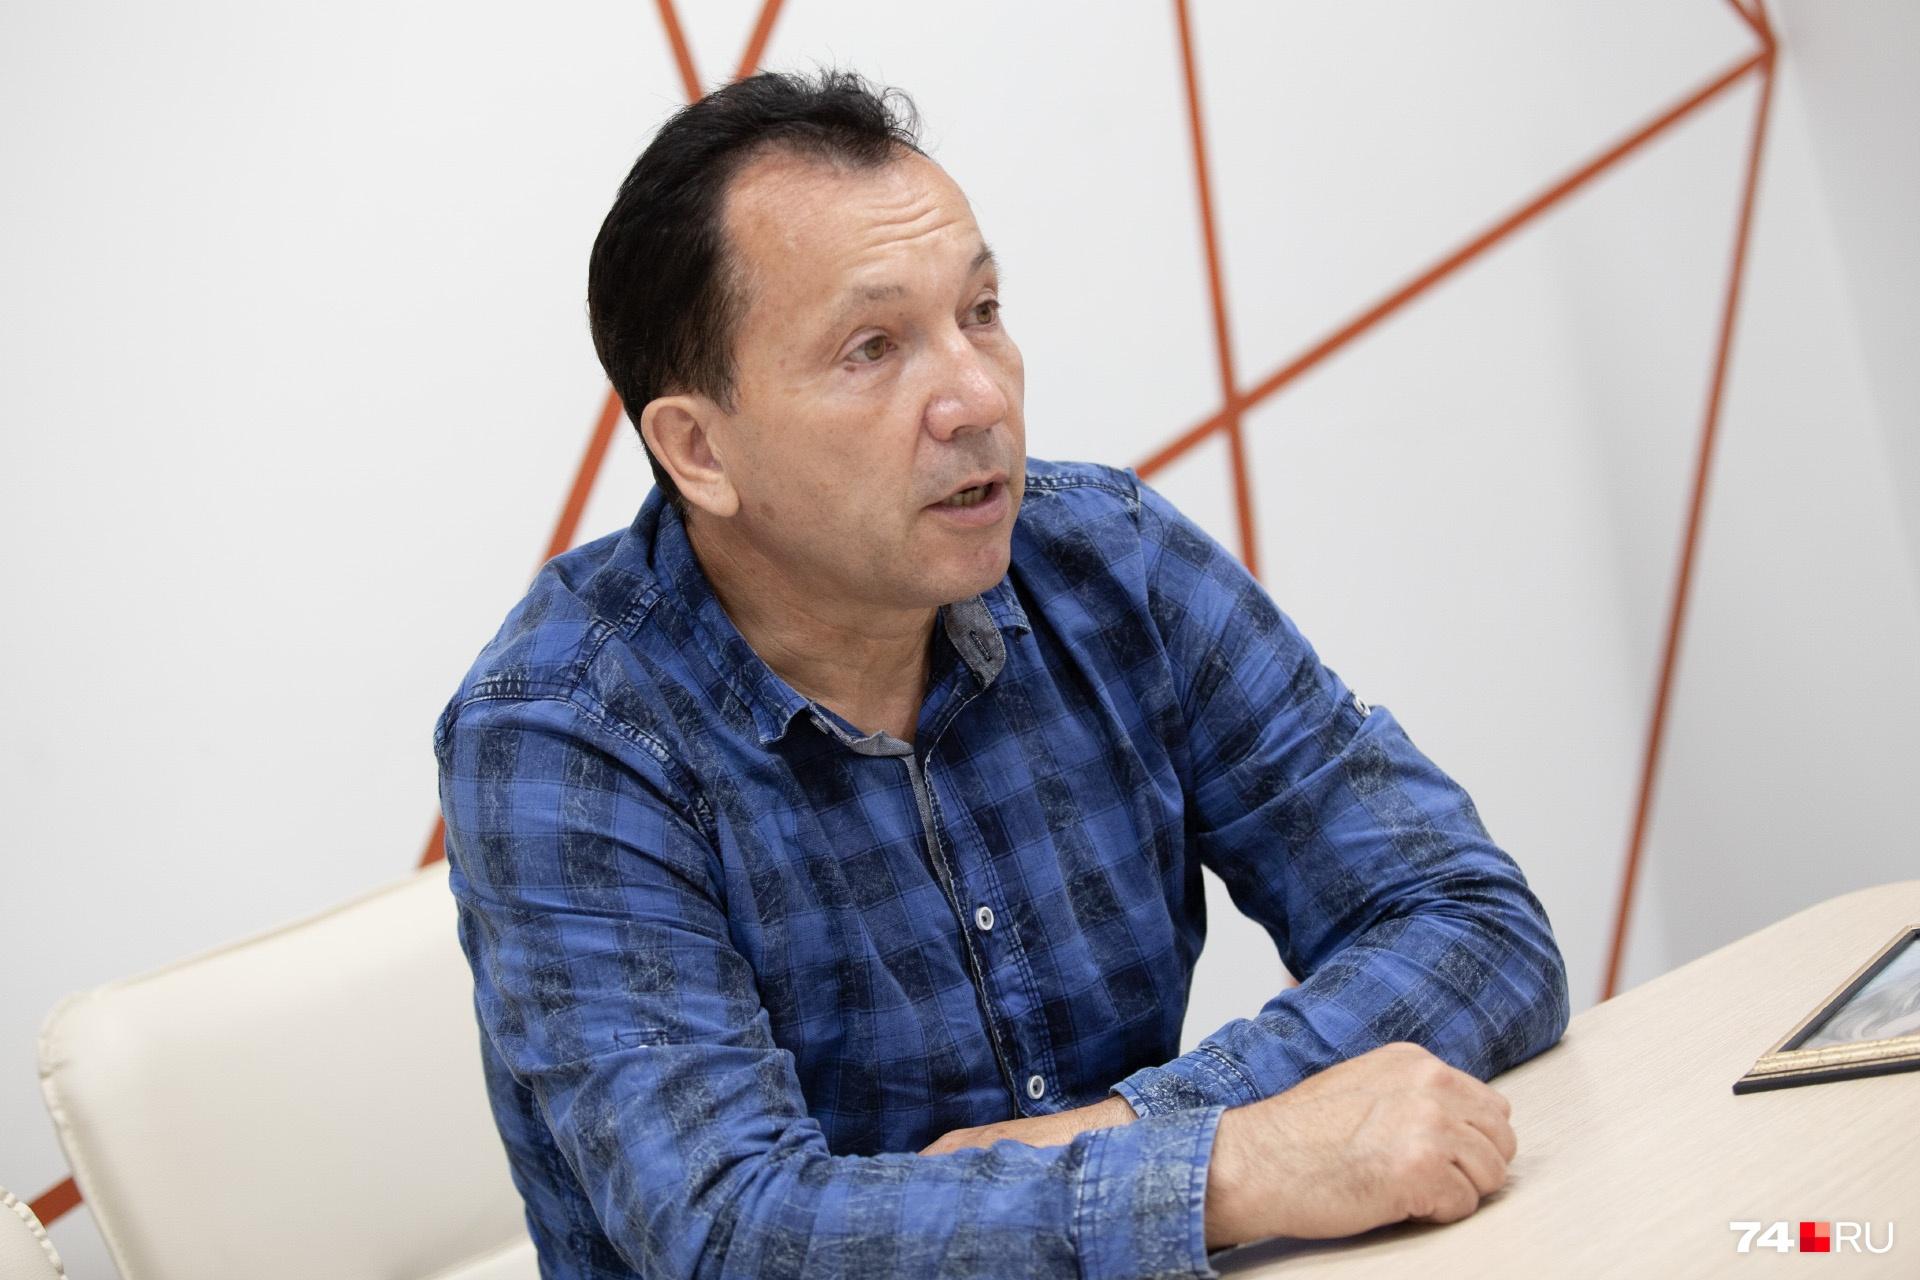 Александр Трофимов даже не представлял, с каким сопротивлением людей в погонах ему придётся столкнуться